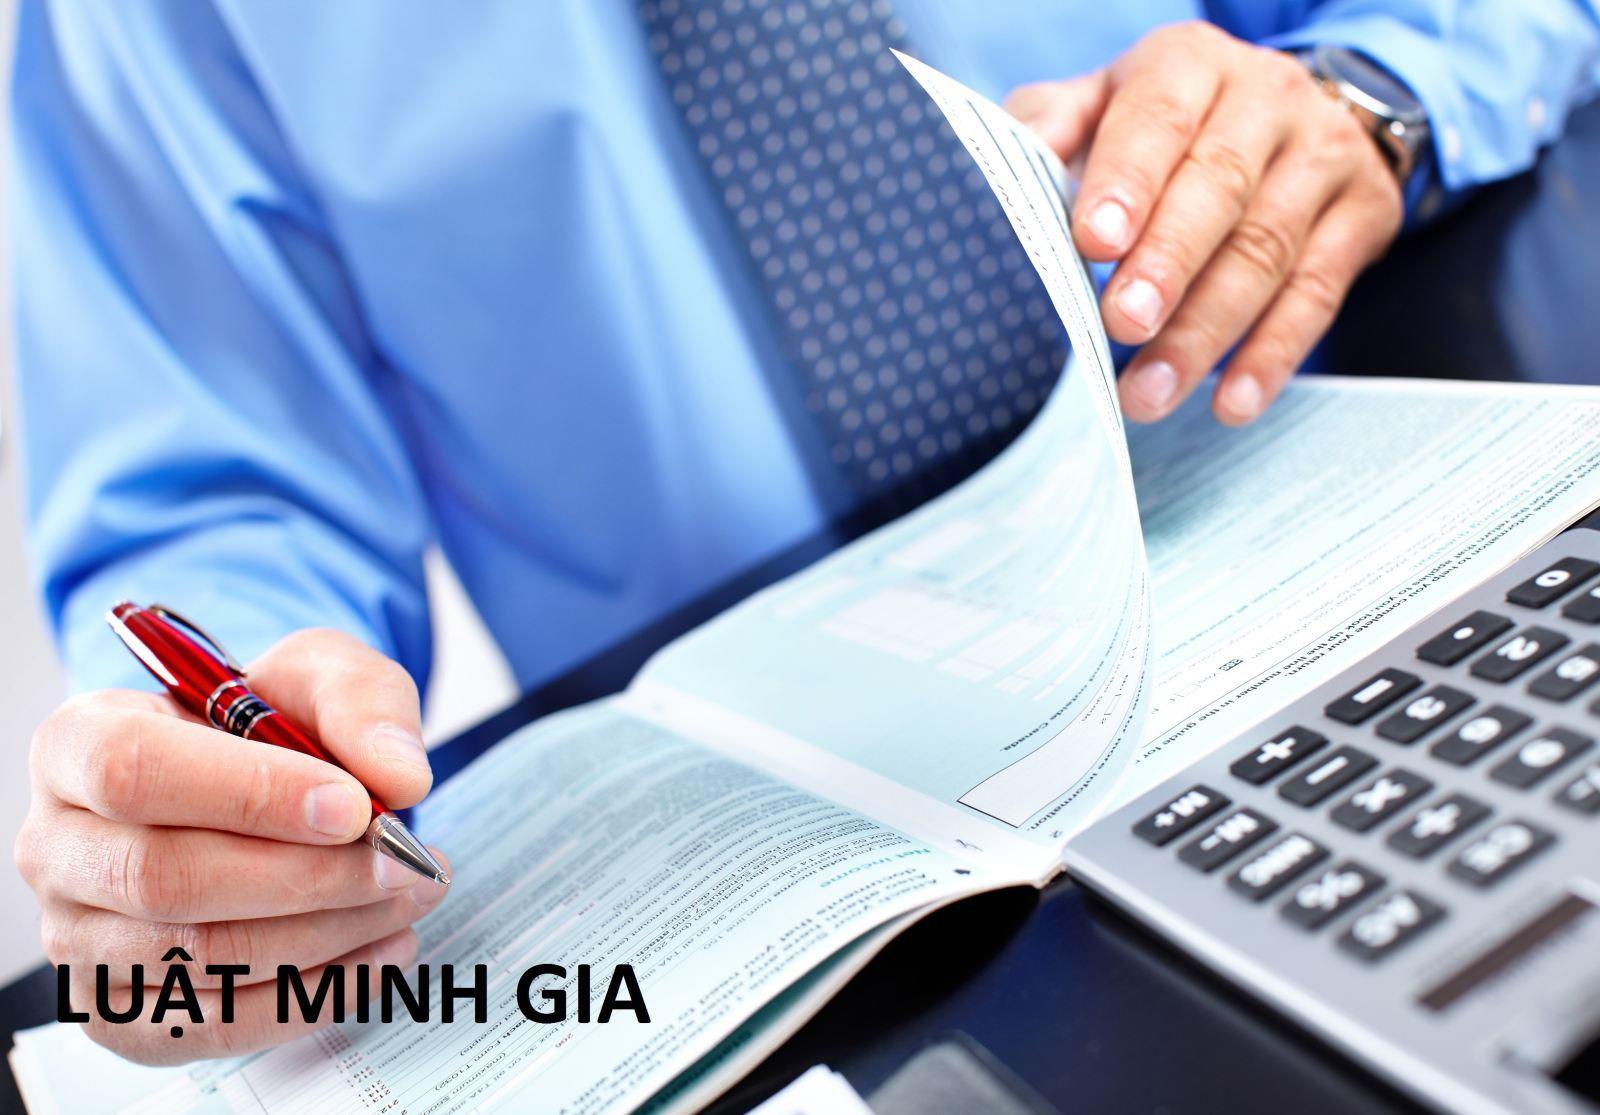 Quy định về thay đổi vị trí làm việc đối với viên chức?